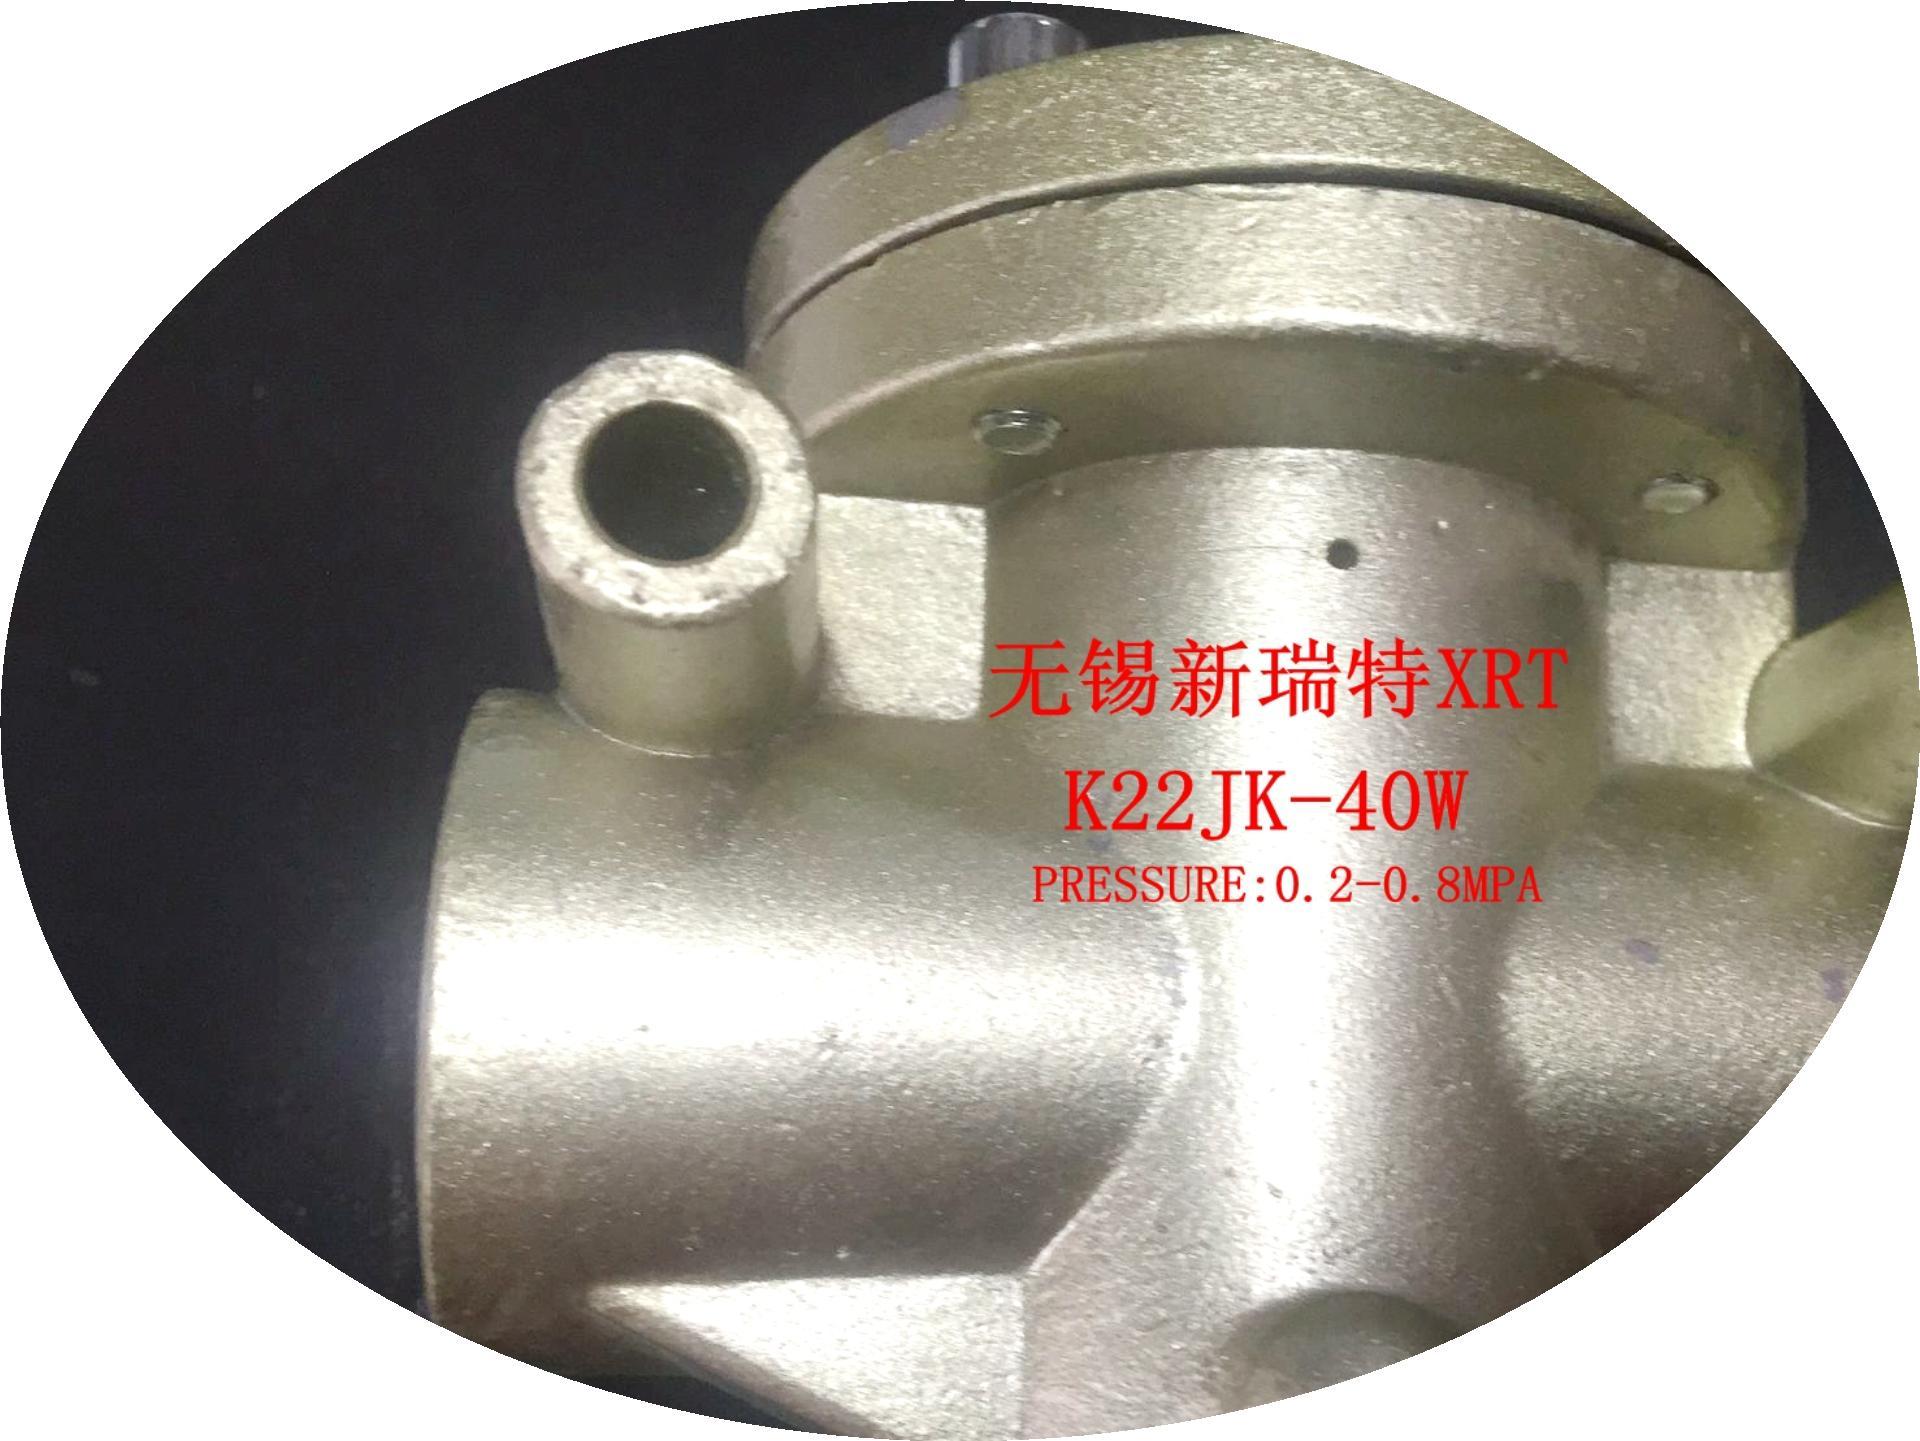 無錫ガス动换にK23JK-15W20W25W32W40W三通気弁K22JK-15Wコントロールバルブ